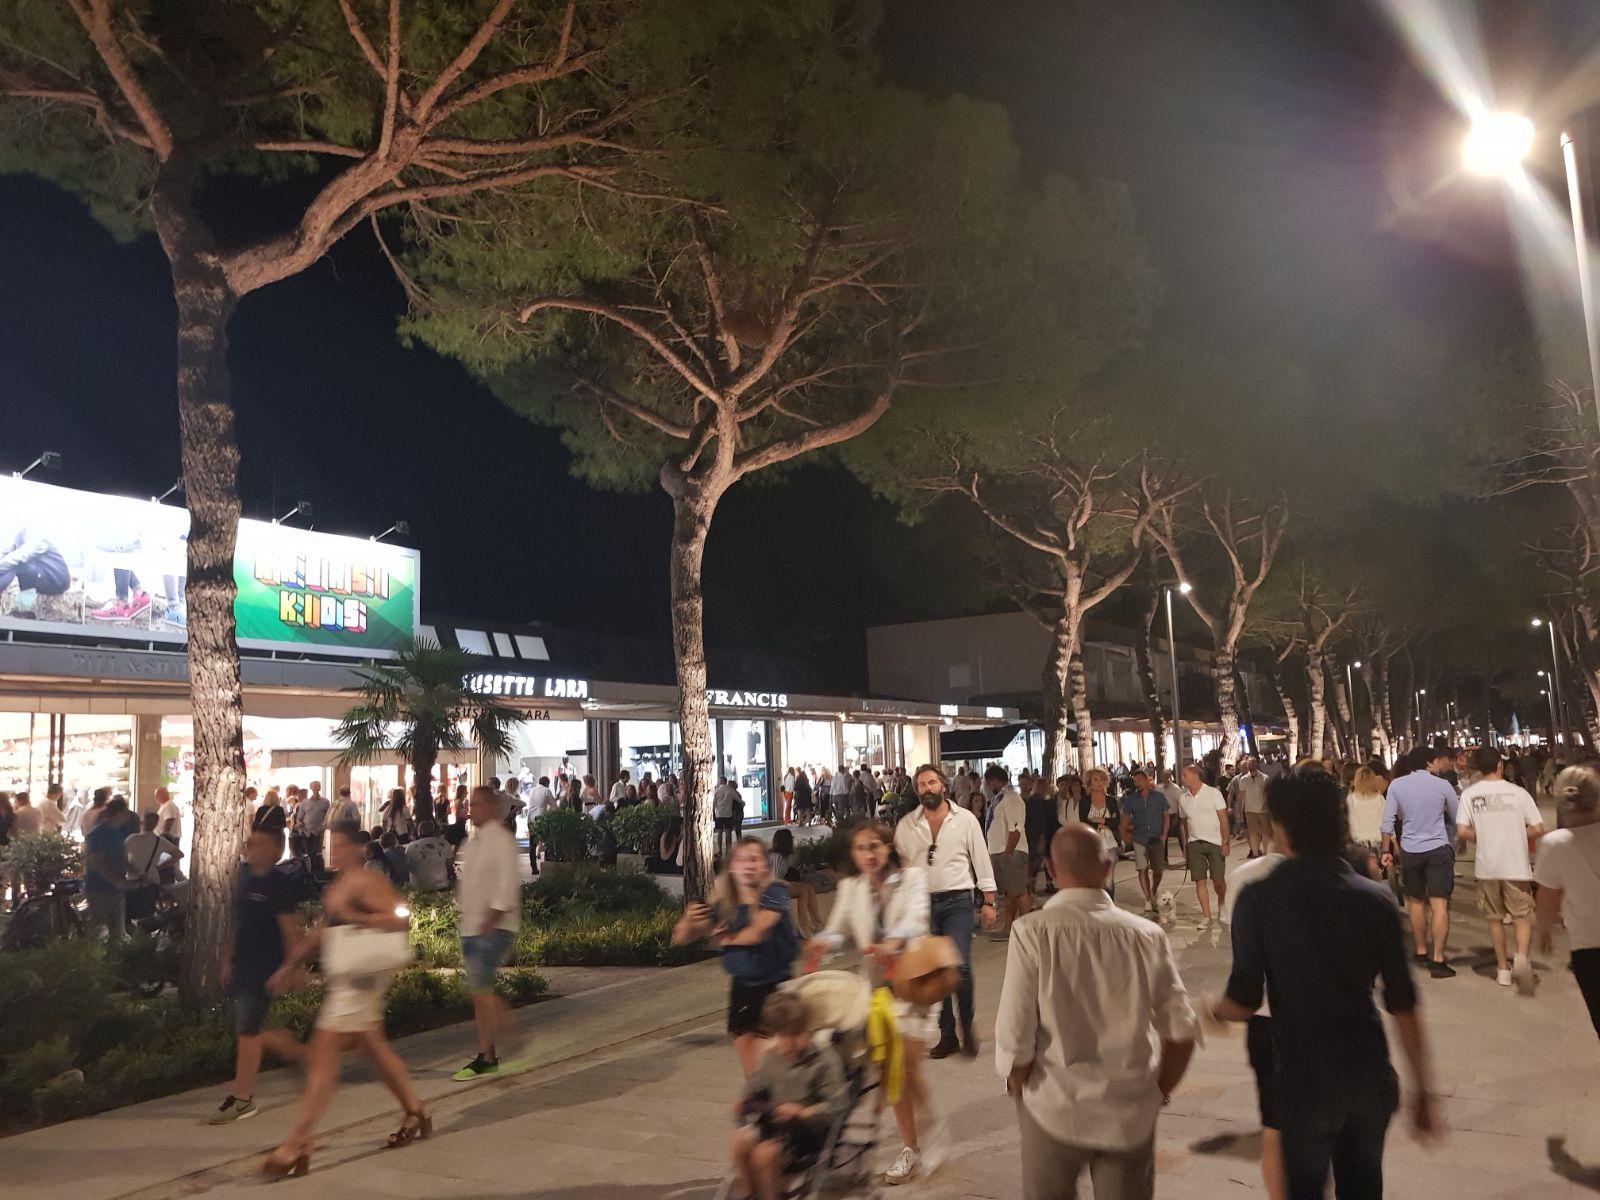 Pi vigili a piedi la sera a Milano Marittima per un progetto da 100mila euro